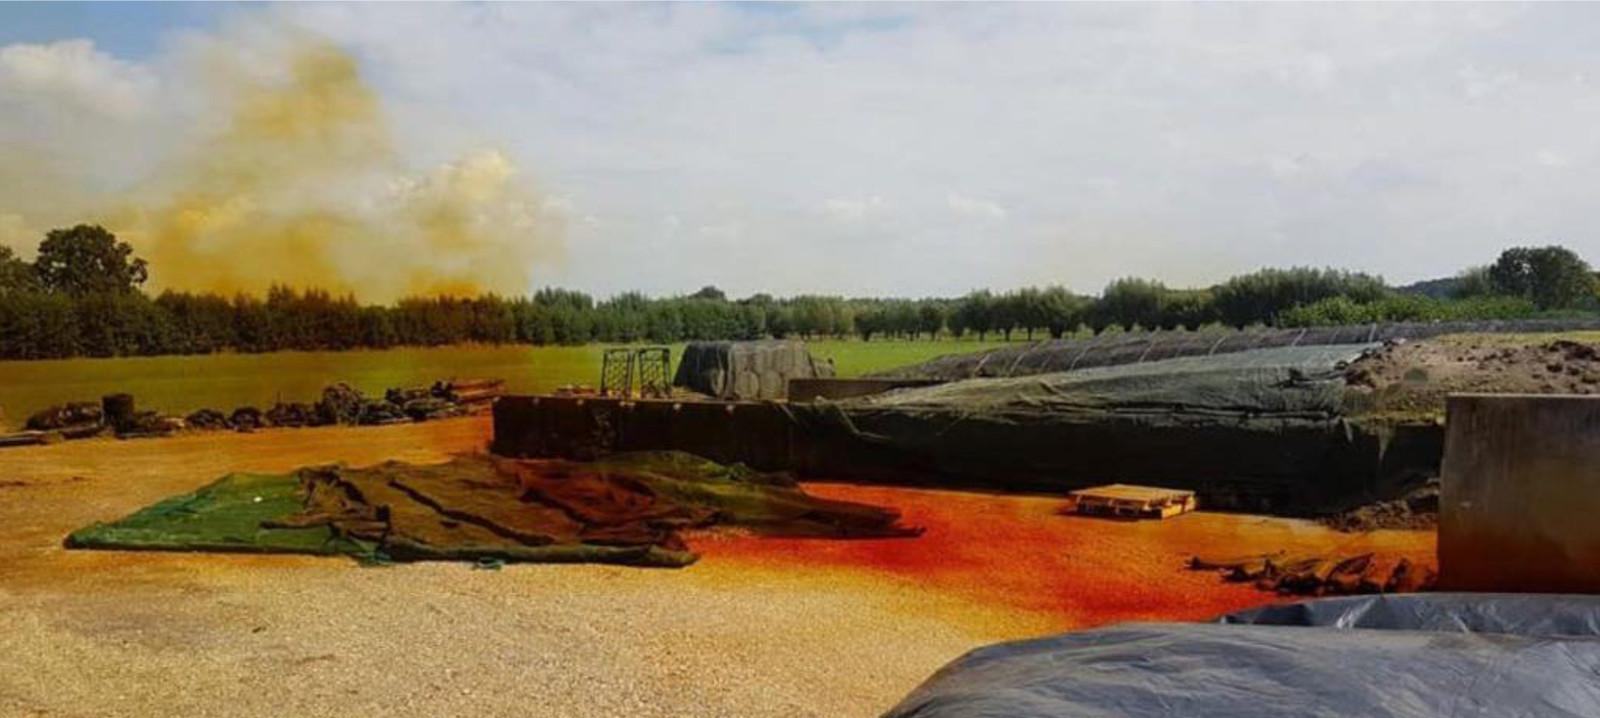 Uit maiskuilen kunnen giftige, oranje gekleurde dampen opstijgen (archieffoto).